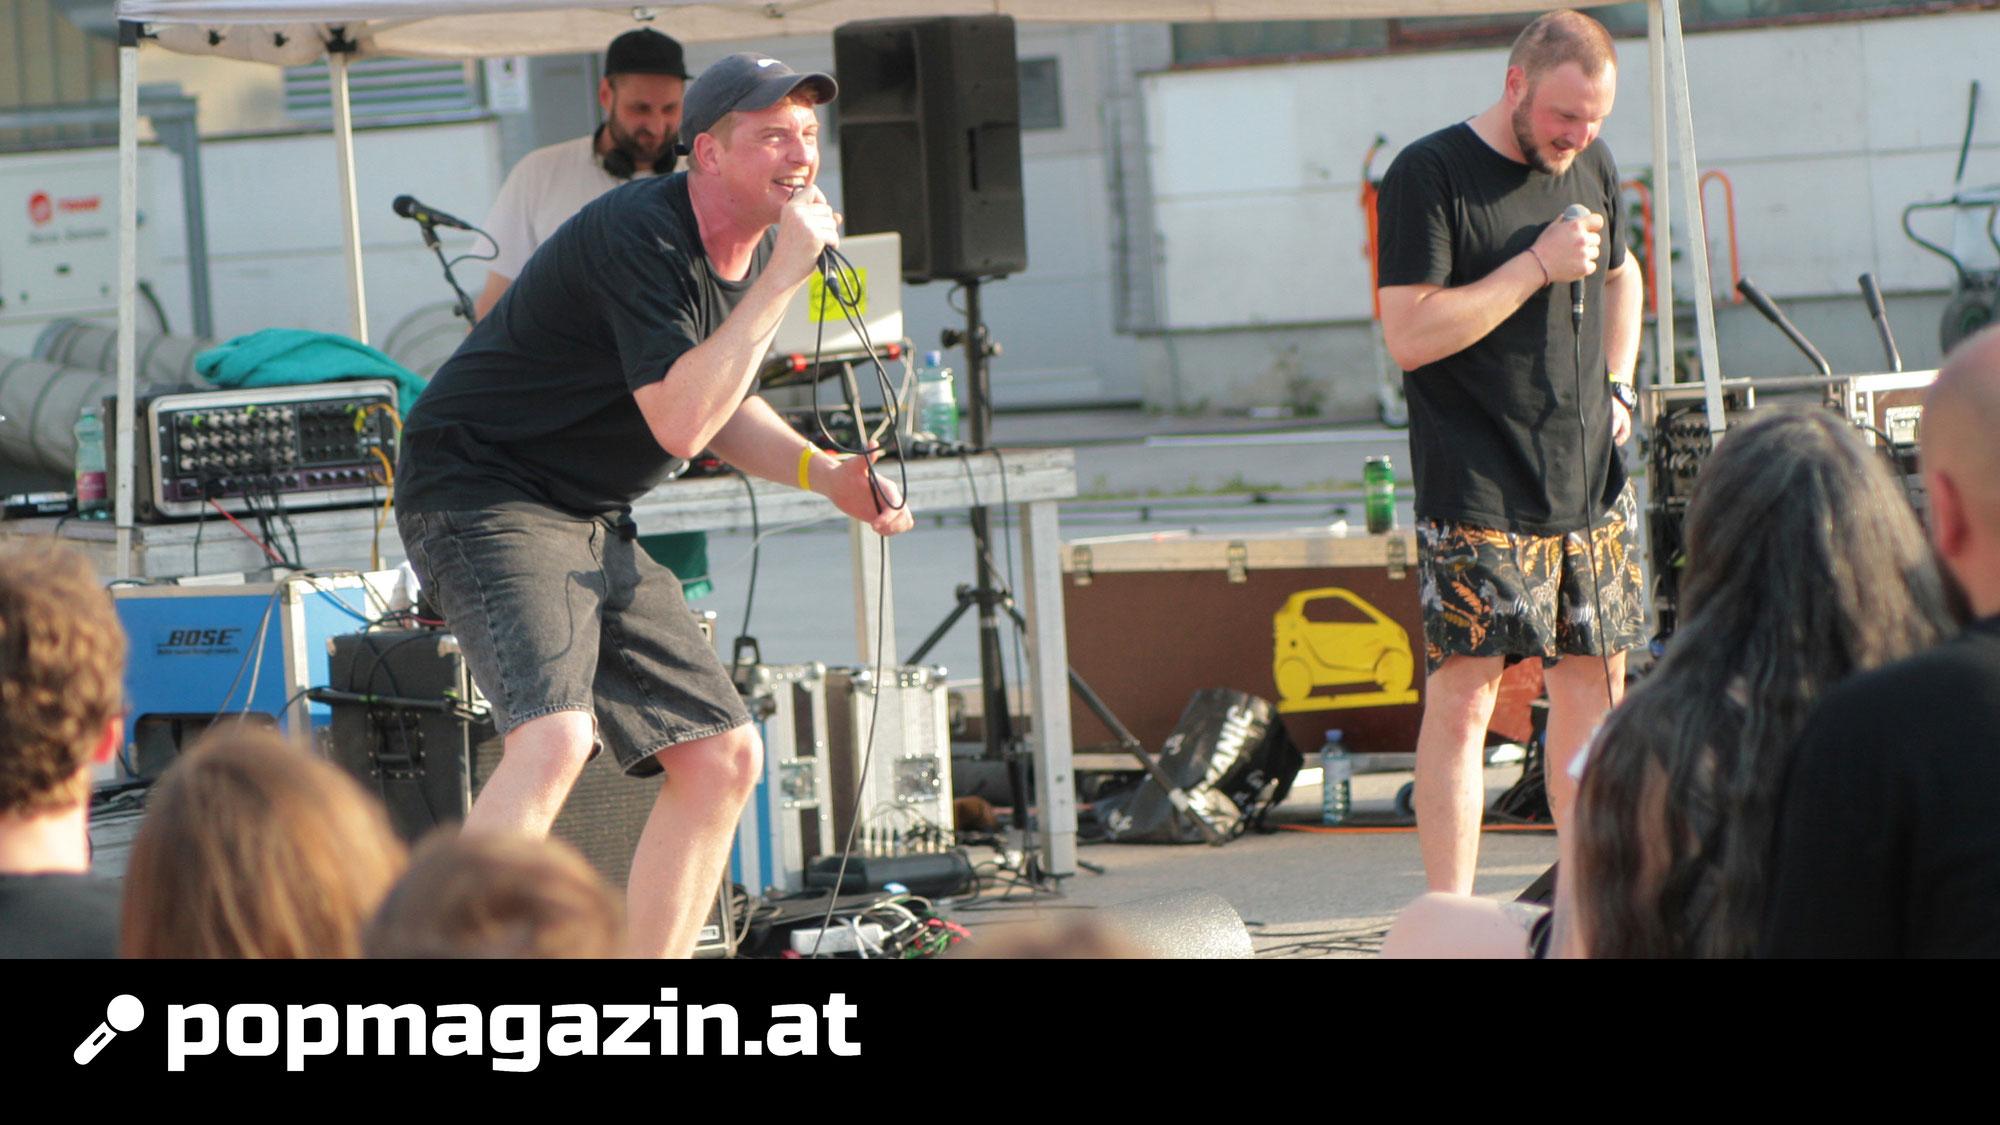 FOTOS: Monobrother @ Baulücken-Konzert in der Brigittenau / 20.06.2021